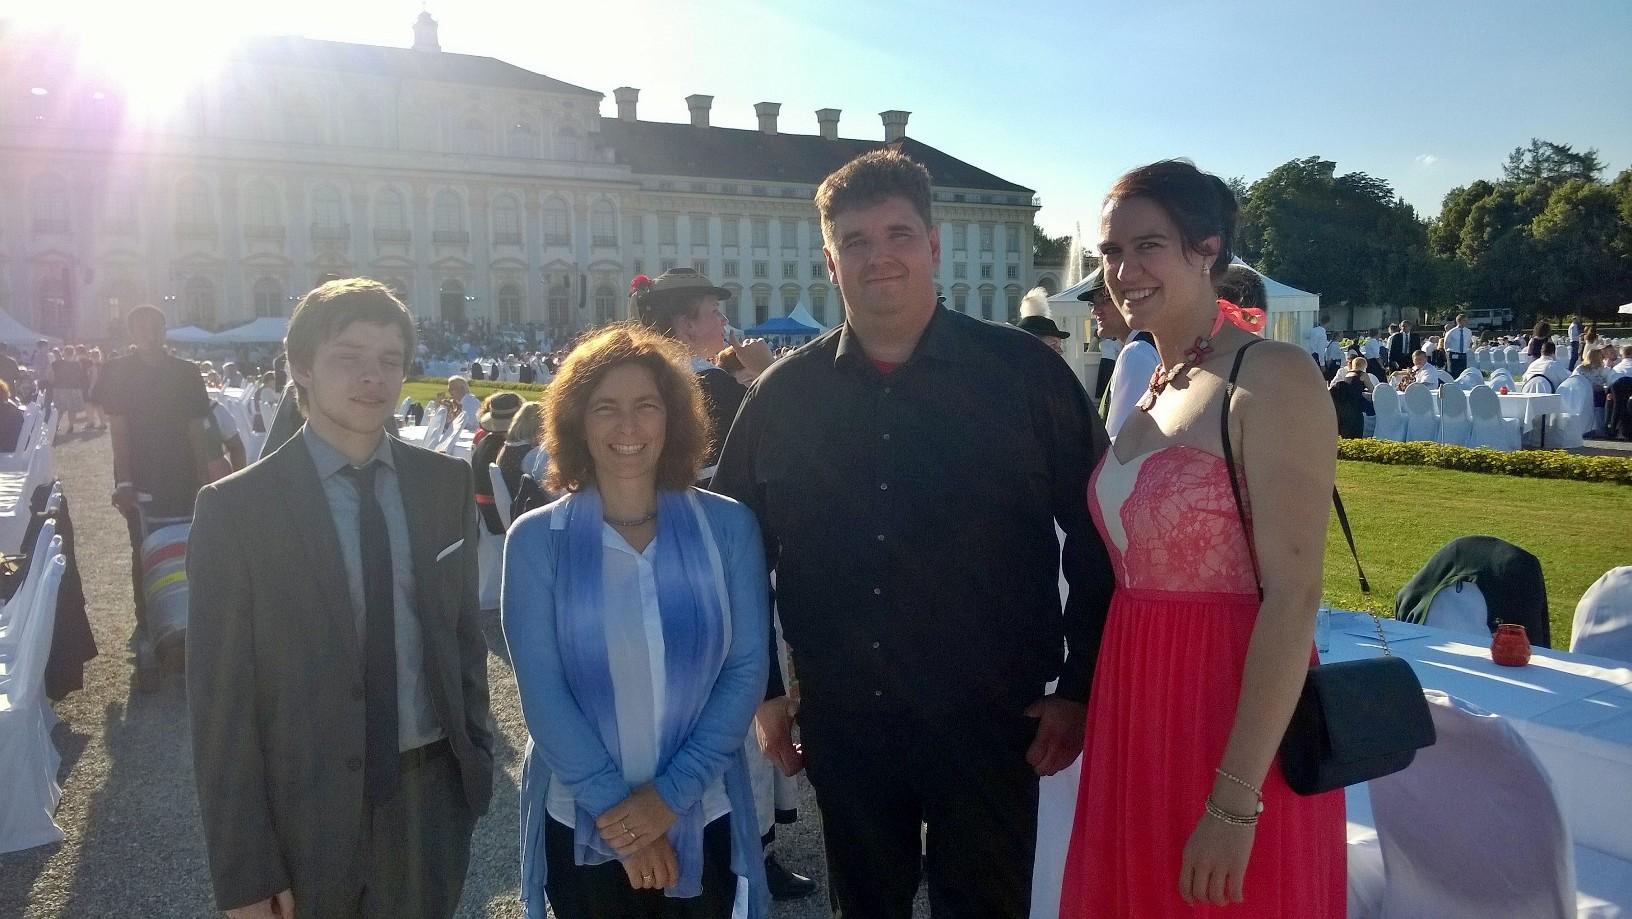 Kerstin Celina mit Michael Pagel und Jennifer Harde beim Sommerempfang des Bayerischen Landtags.